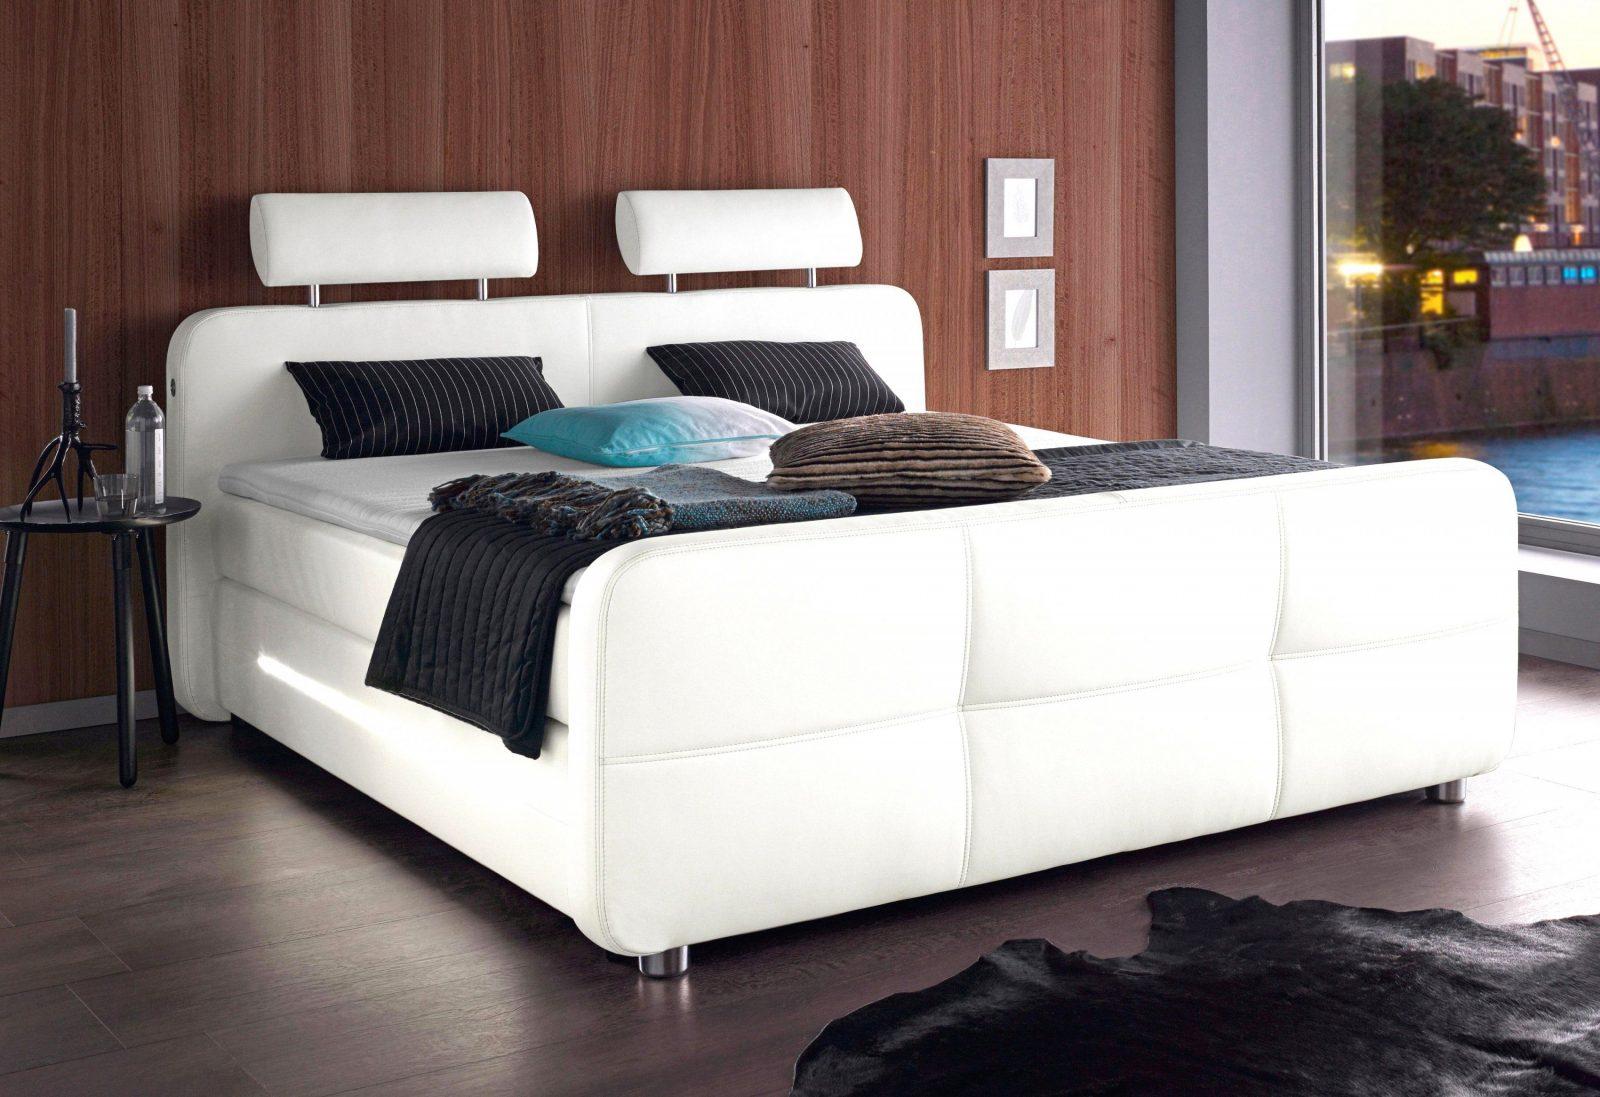 boxspringbett kaufen topper und kissen inkl auf raten trotz schufa von boxspringbett auf raten. Black Bedroom Furniture Sets. Home Design Ideas